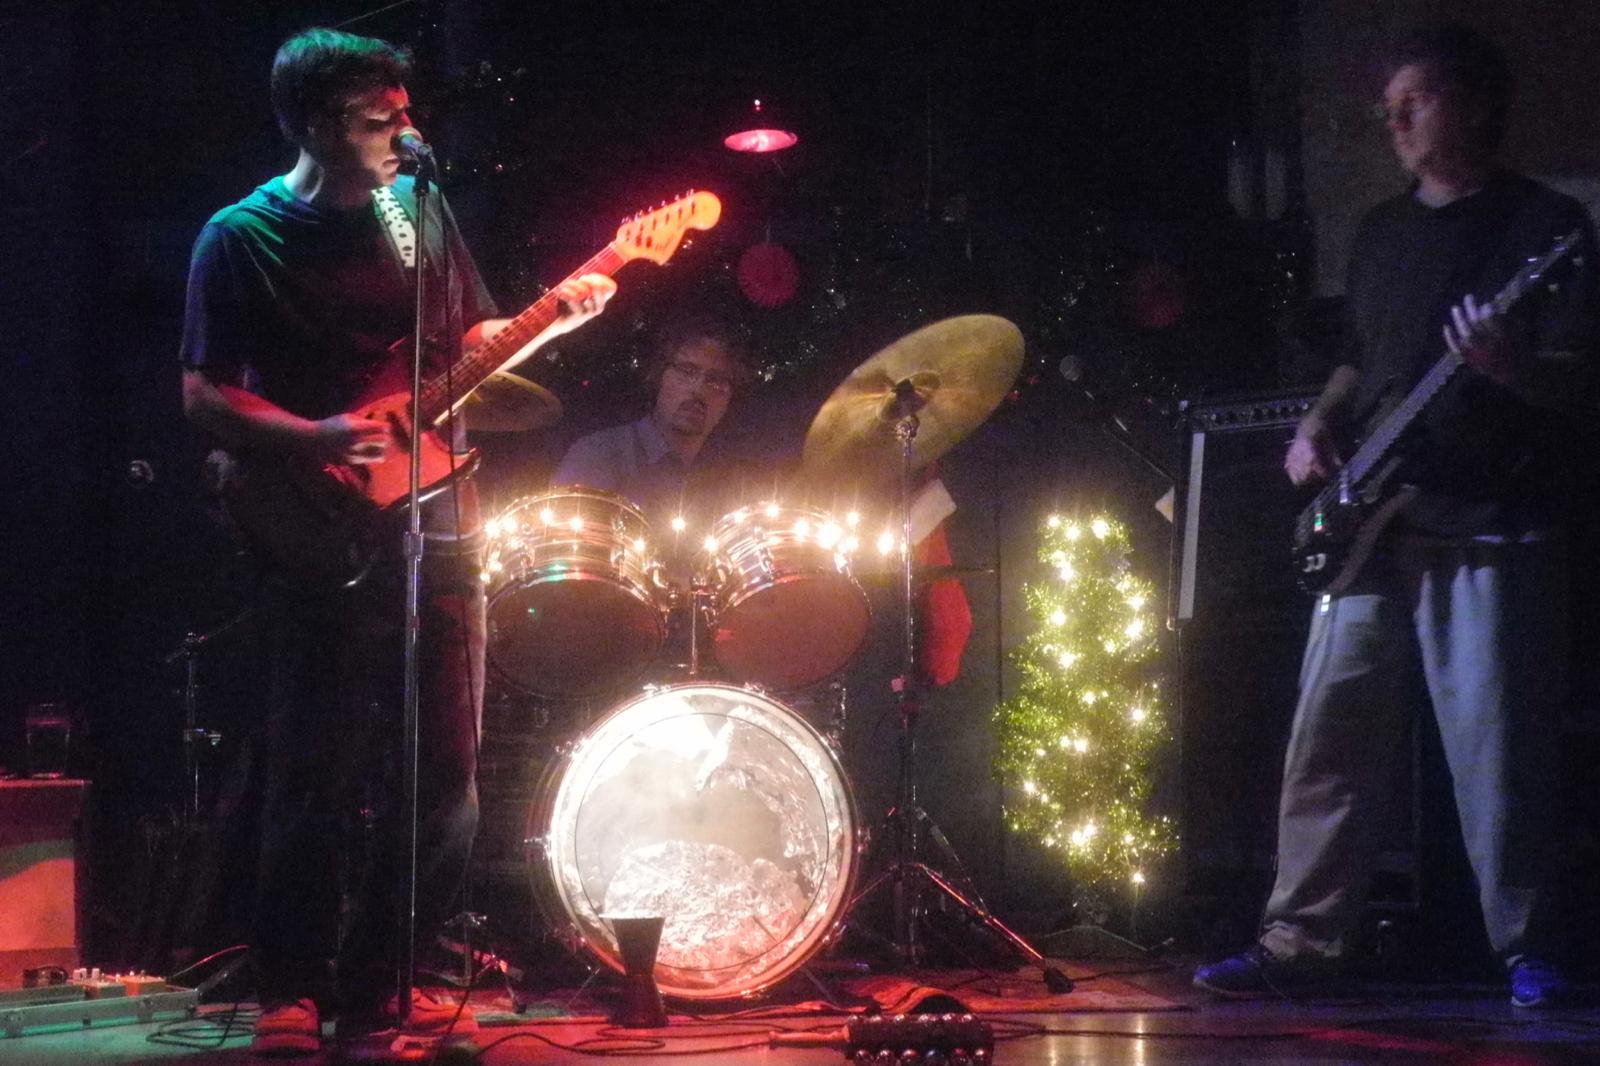 Nod performing at Skylark 2013